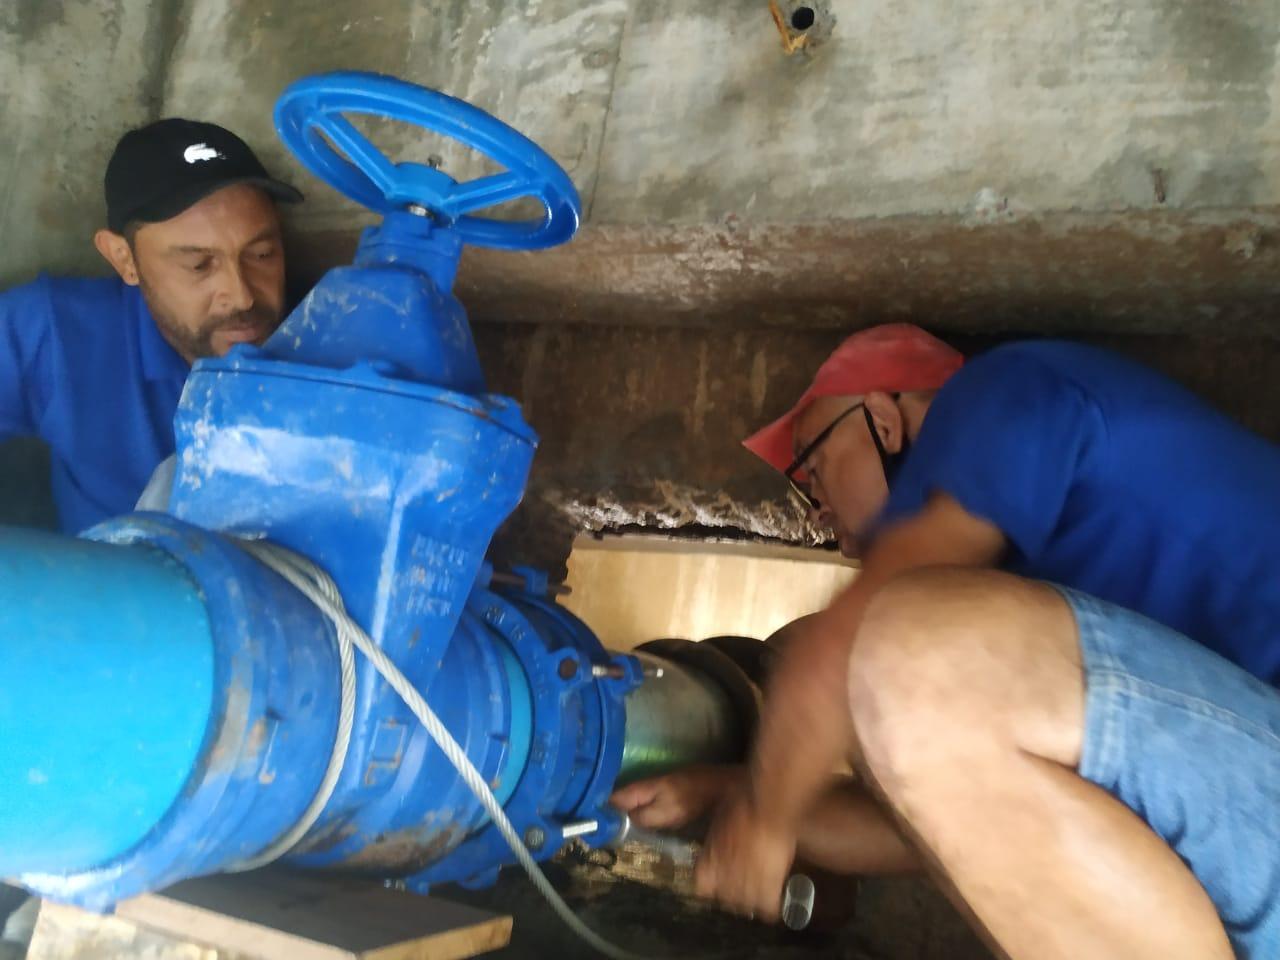 Servidores do Samae trabalham em reparos emergenciais na ponte dos bombeiros